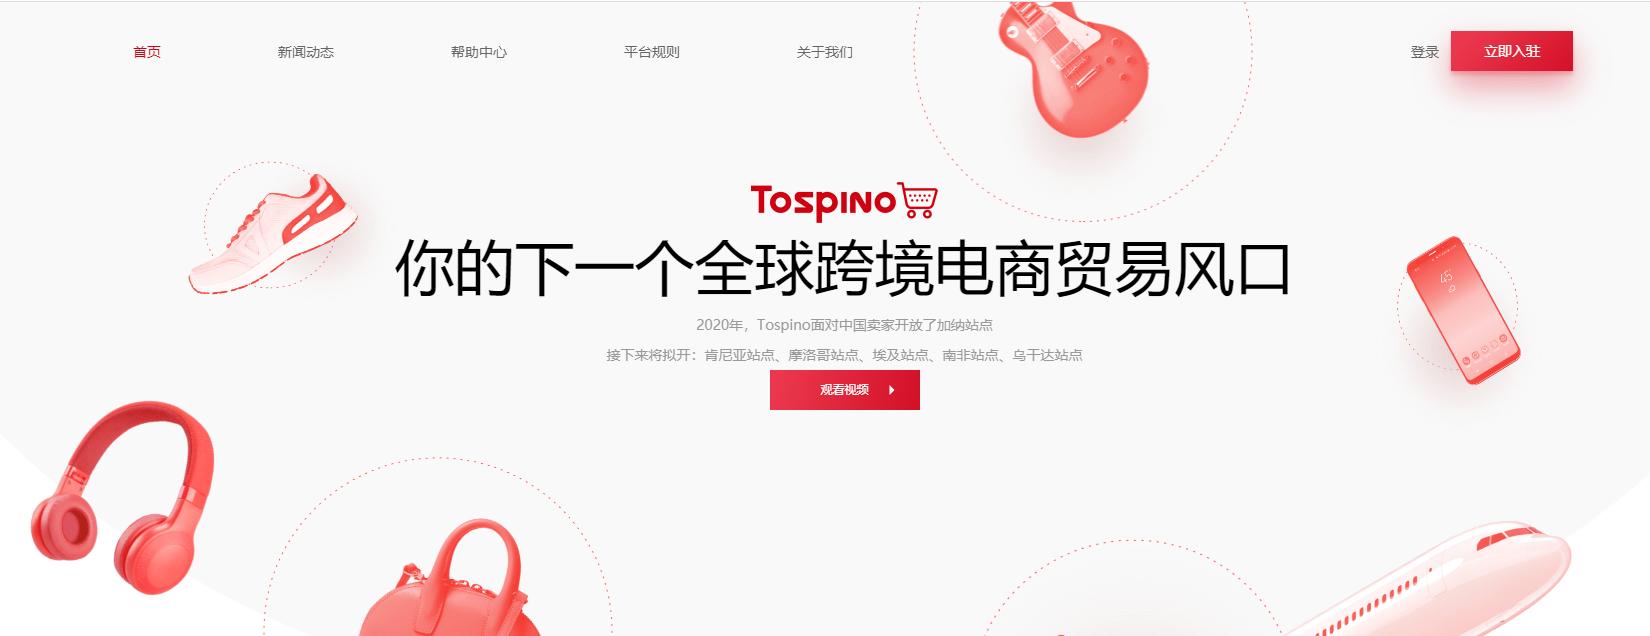 智能跨境电商服务平台Tospino是什么样的一款APP?